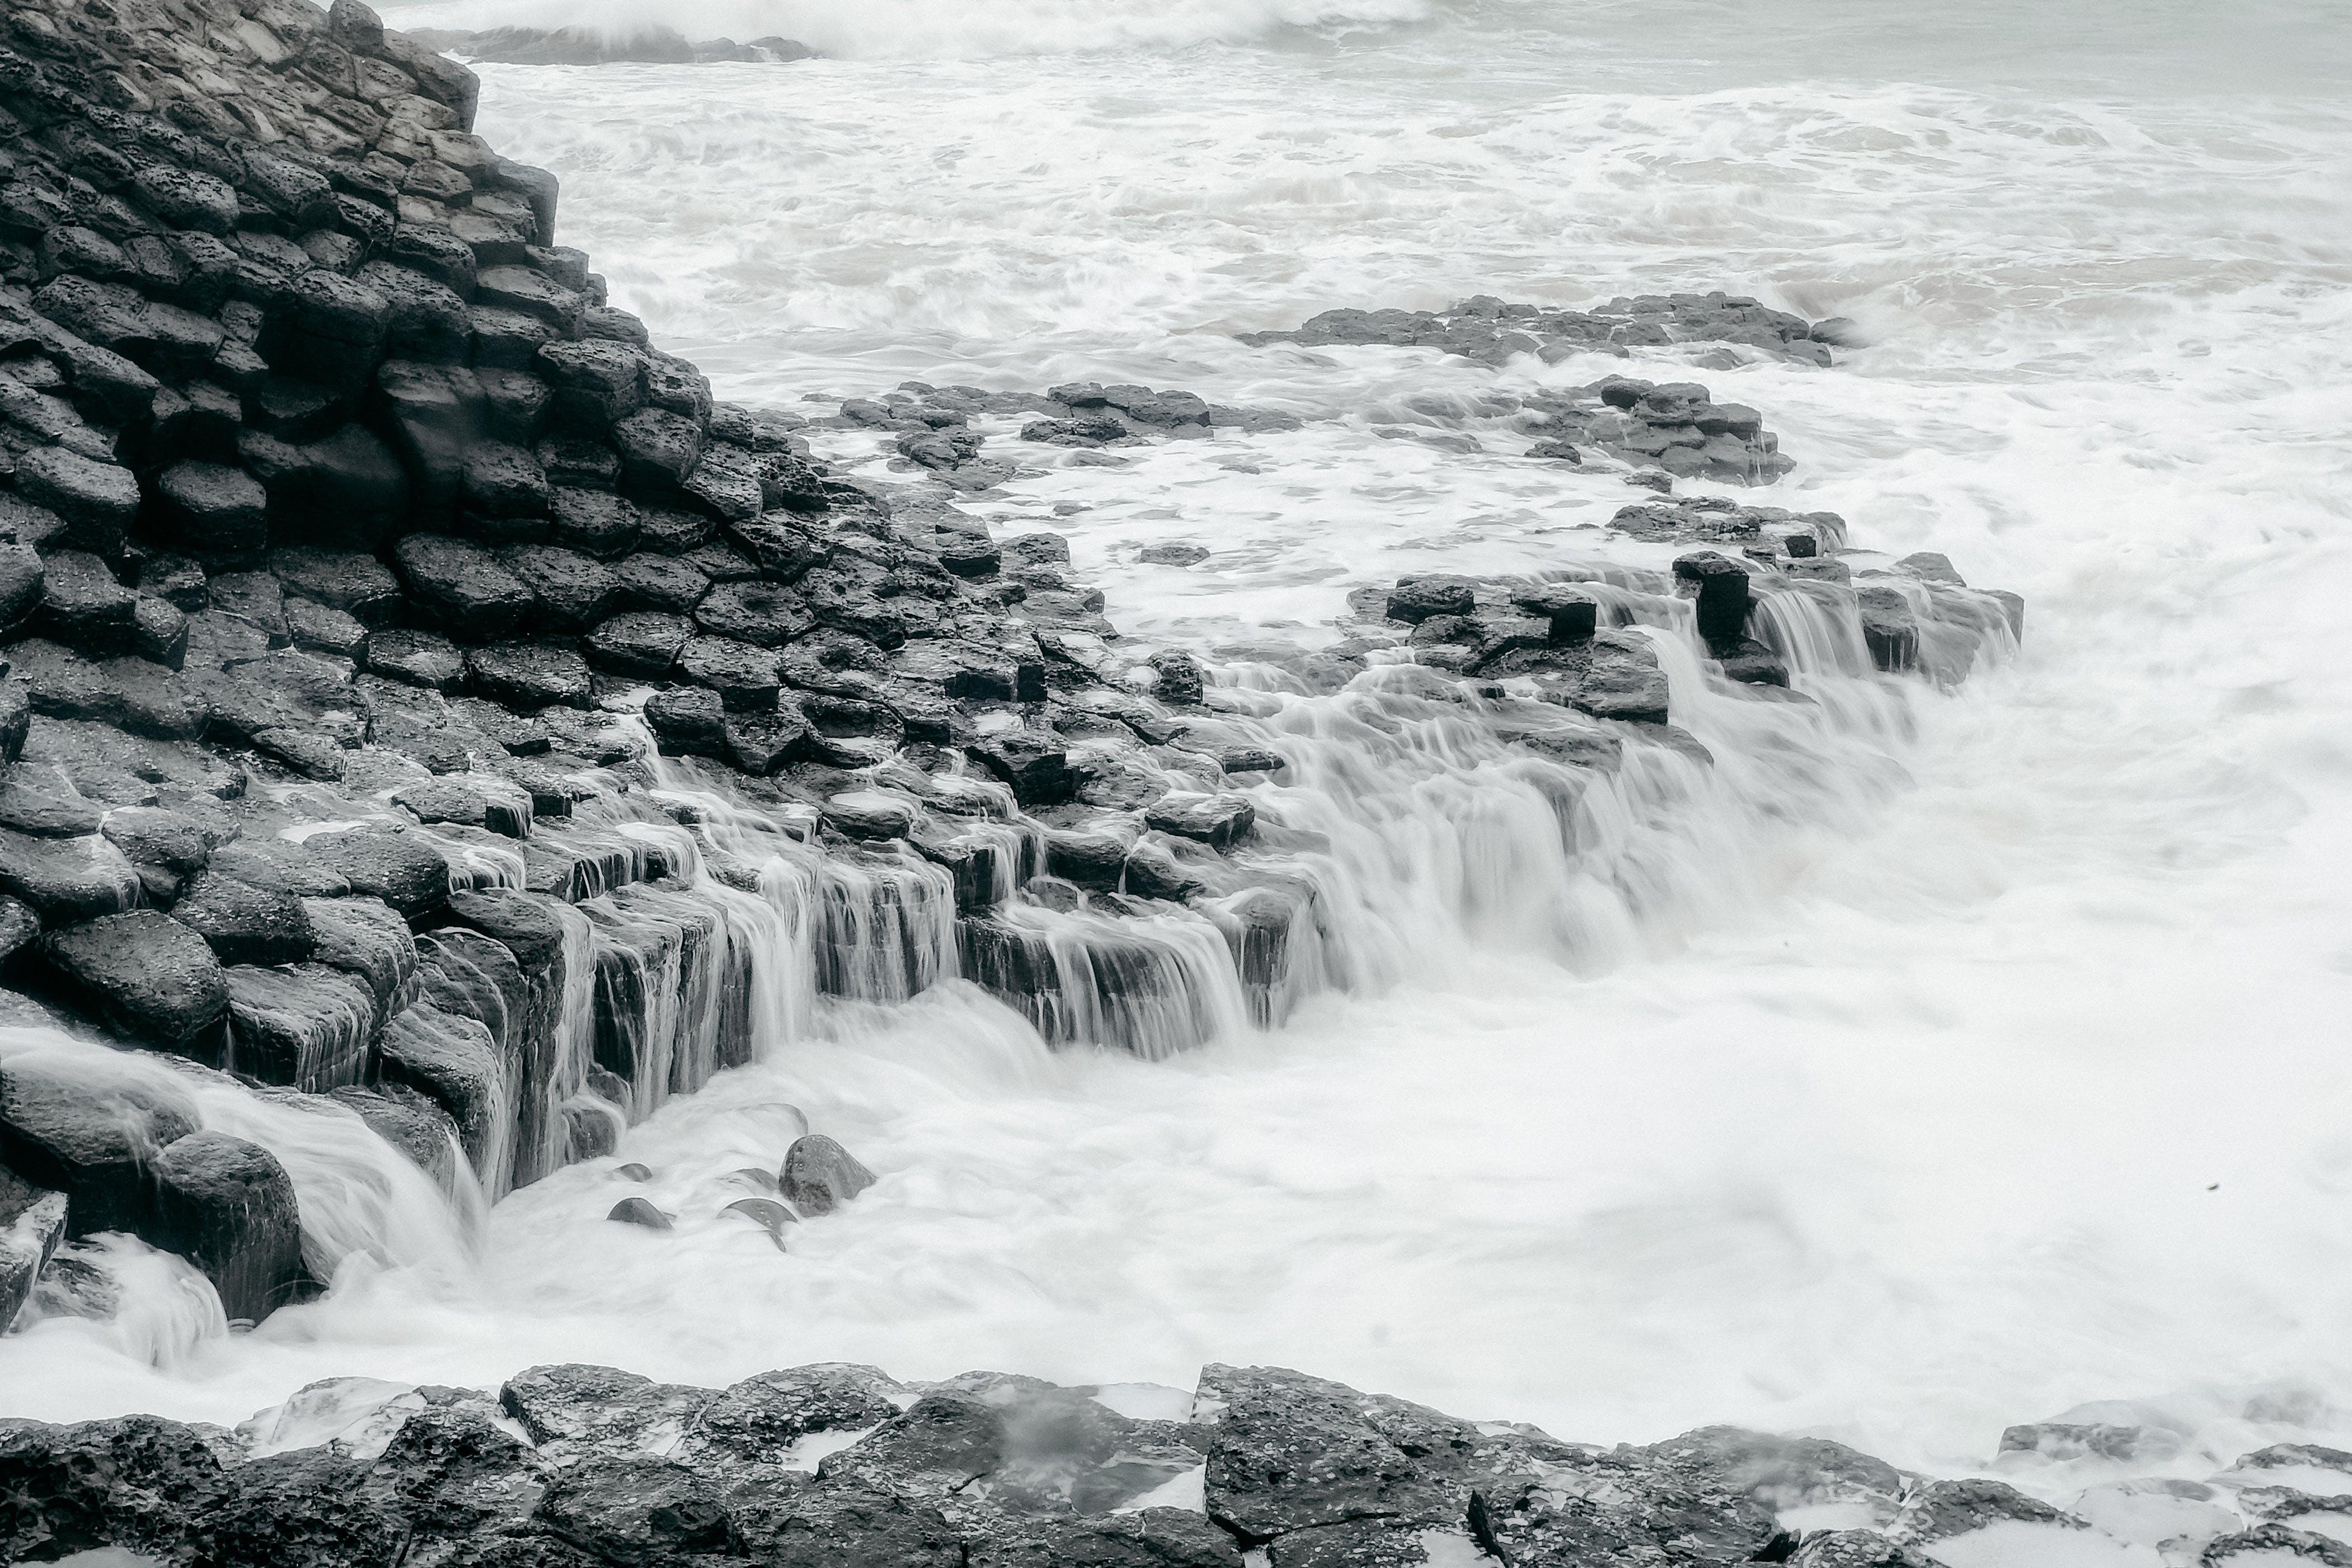 경치, 물을 튀기다, 바다 경치, 바위의 무료 스톡 사진